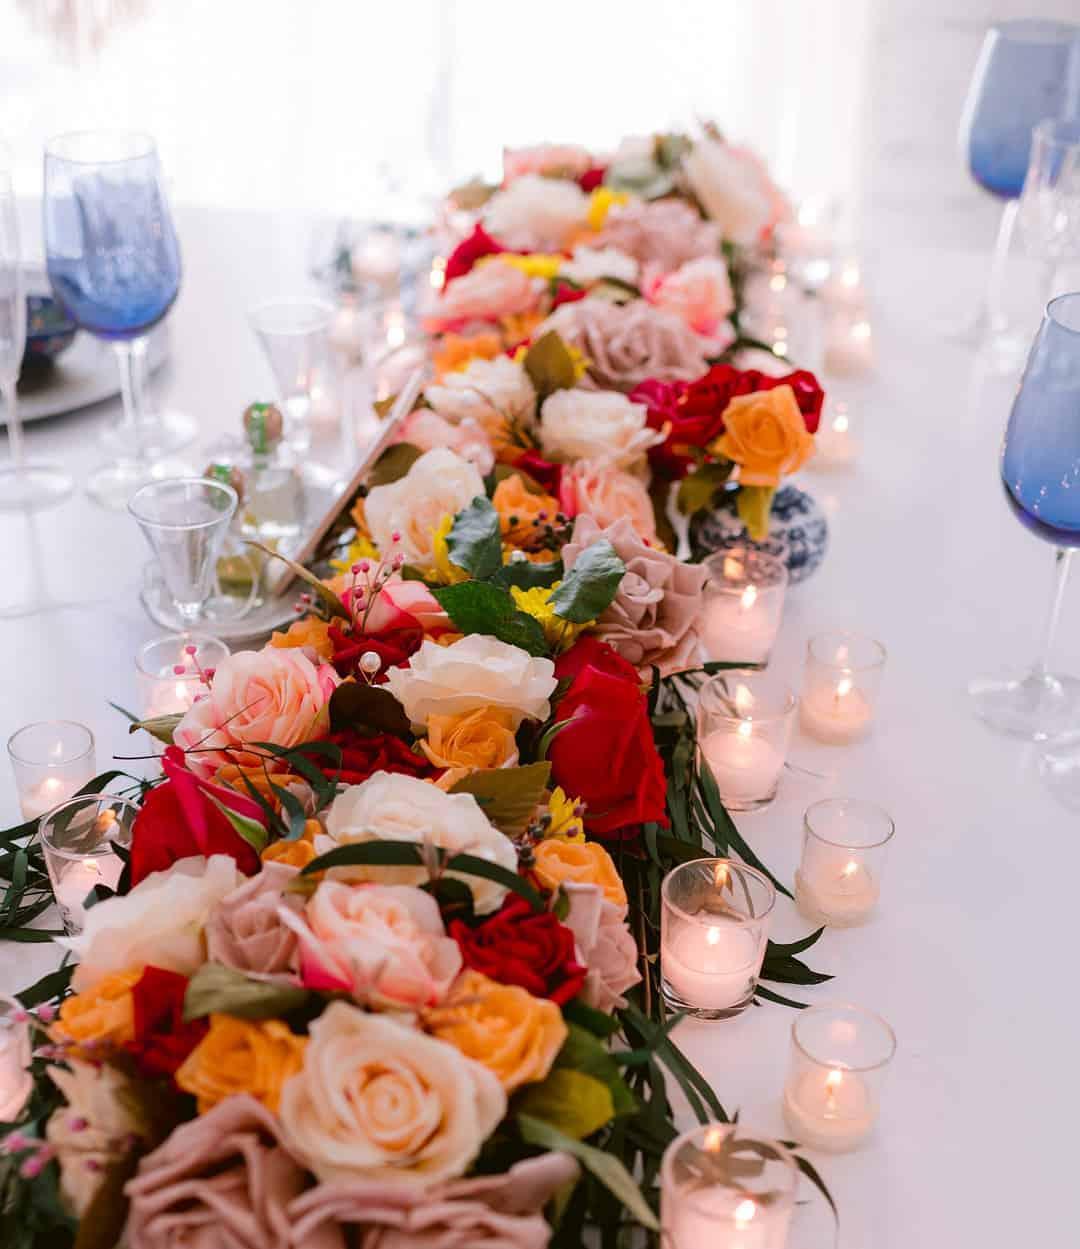 BEAUTIFUL WEDDING INSPIRATION FOR COUPLES WHO WANT TO CELEBRATE THEIR SPANISH CULTURE 17 - Ý TƯỞNG ĐÁM CƯỚI CHỦ ĐỀ TÂY BAN NHA |  Bespoke-Bride: Wedding Blog